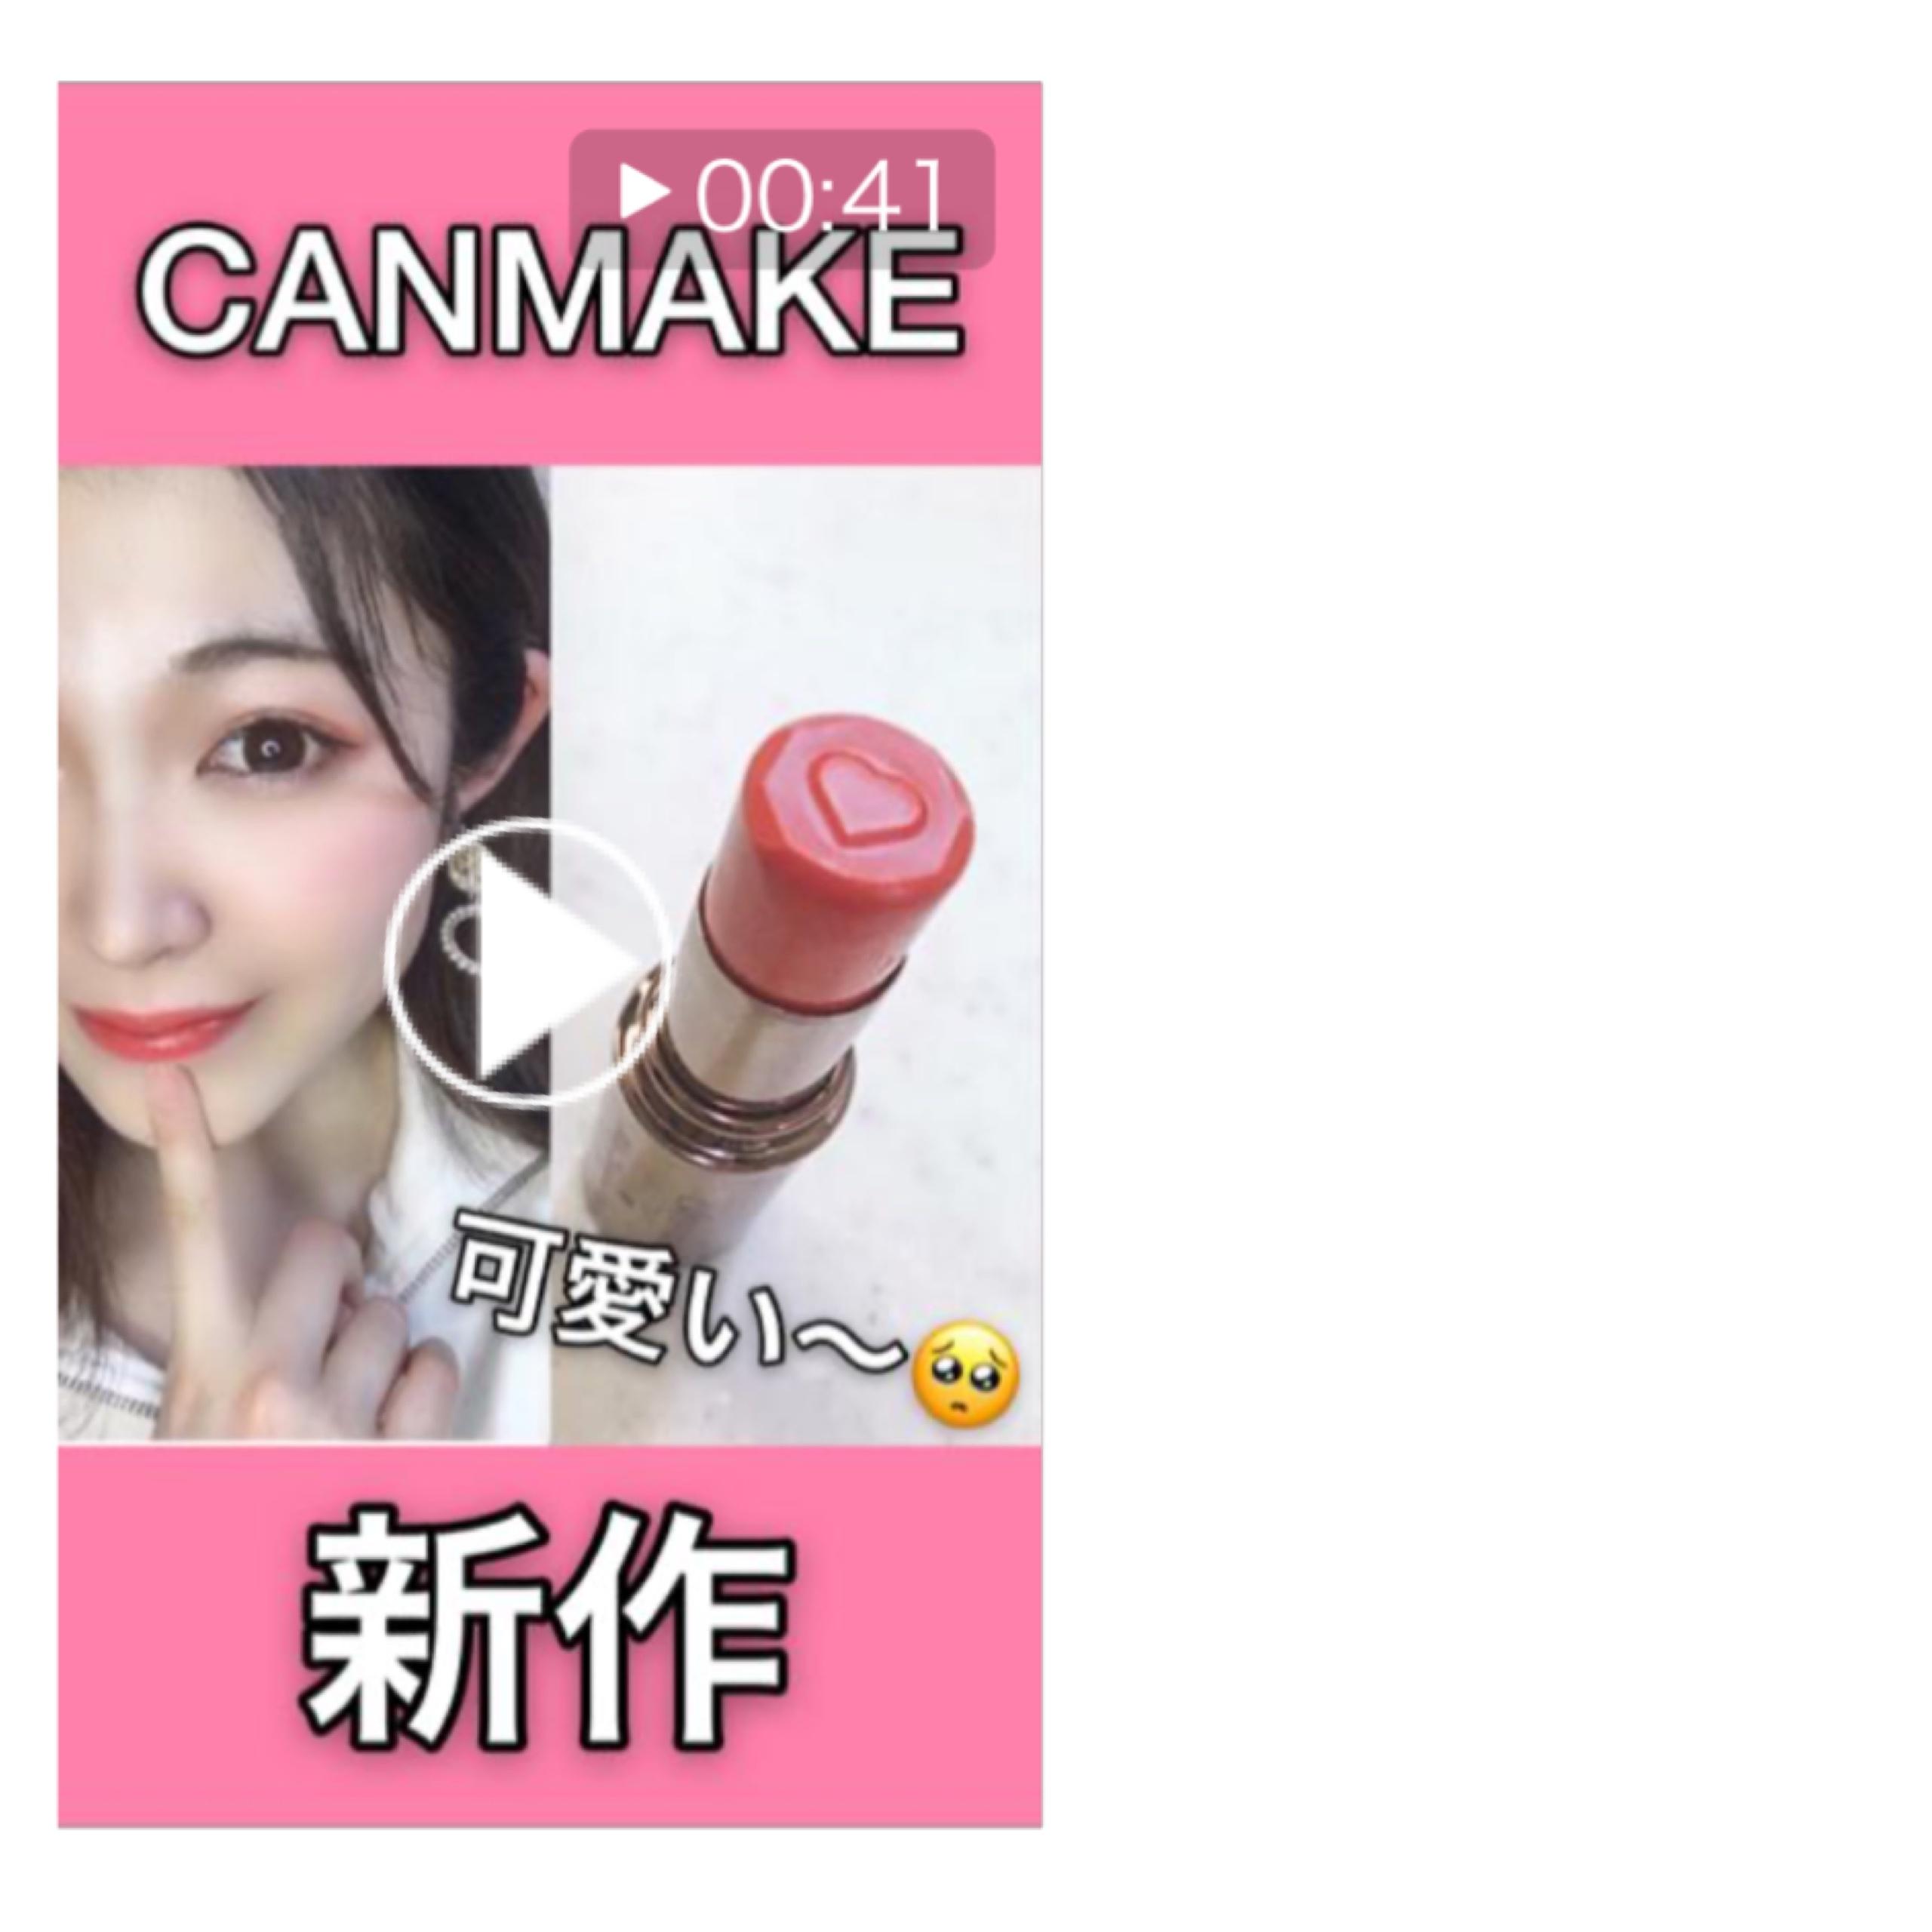 【デパコス並】CANMAKE新作が使えるー♡_1_3